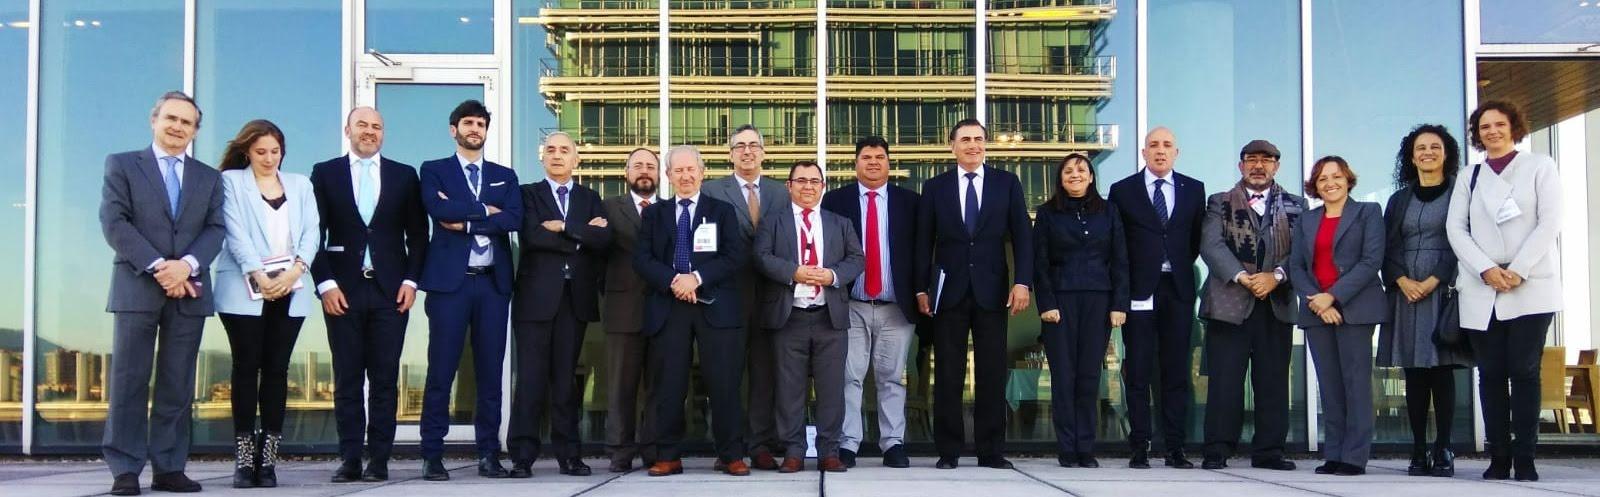 Reunión de los clústers españoles